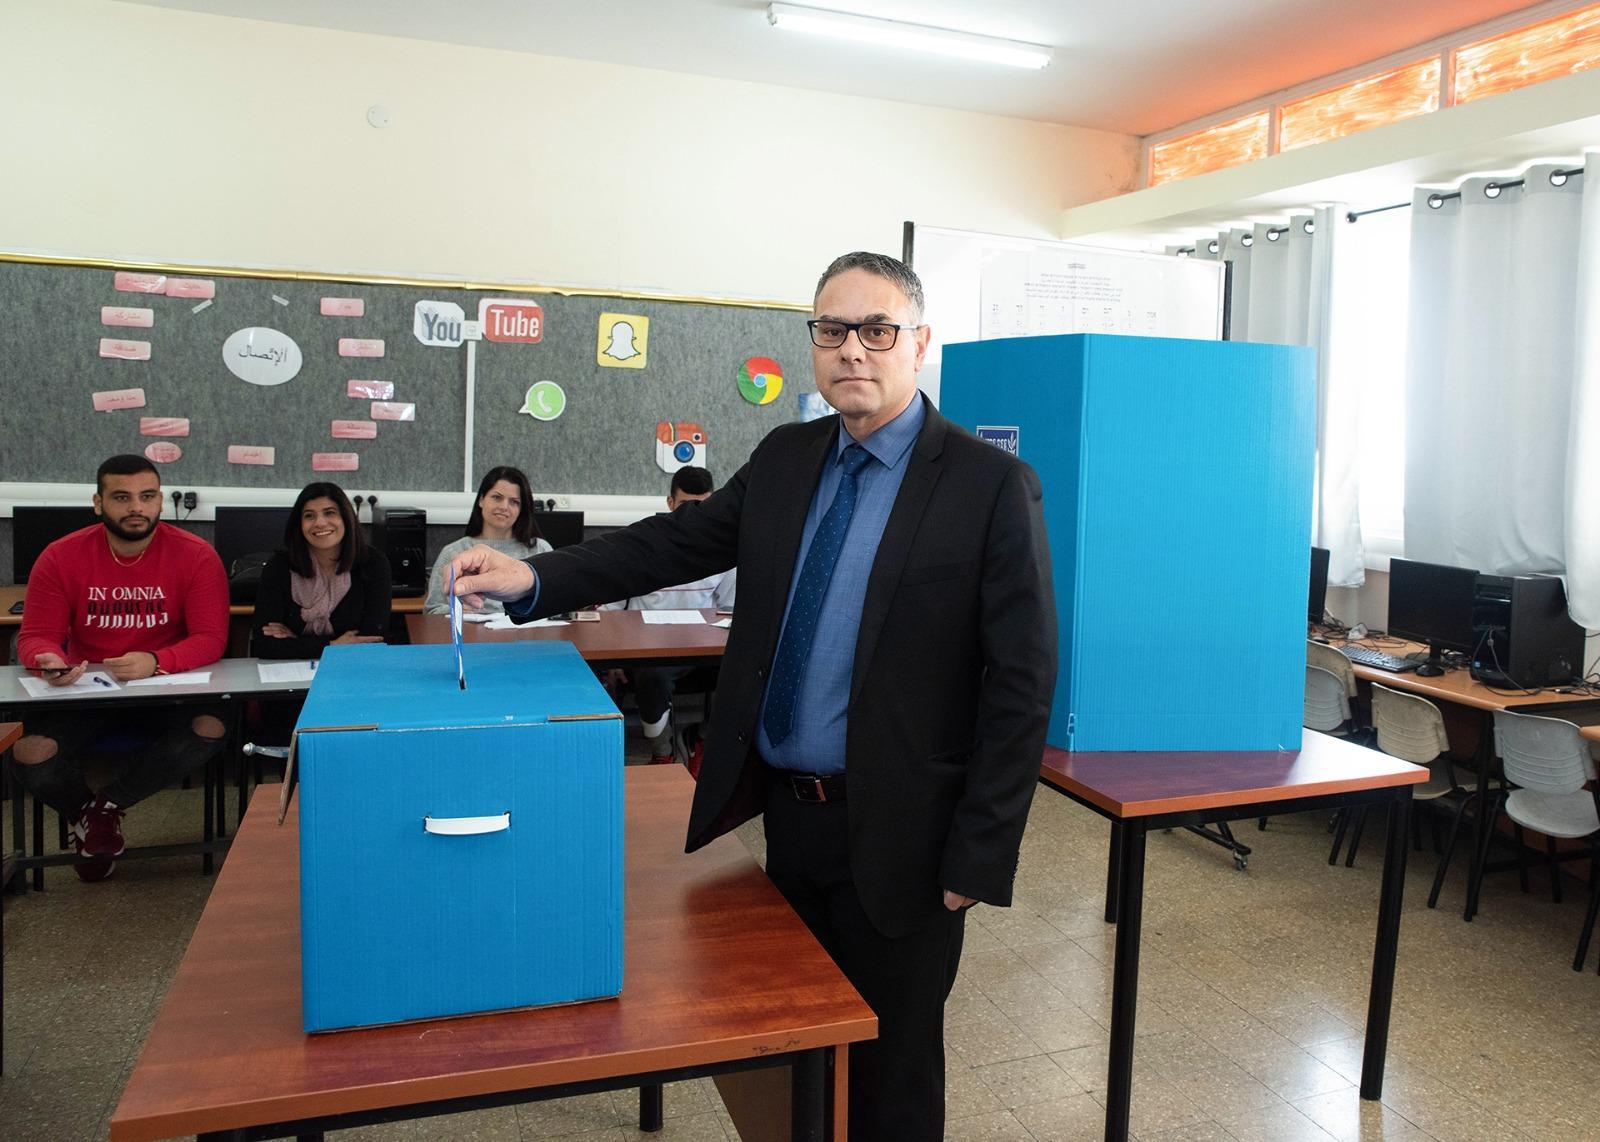 انتخابات الكنيست: دعوات لرفع نسبة التصويت عند العرب